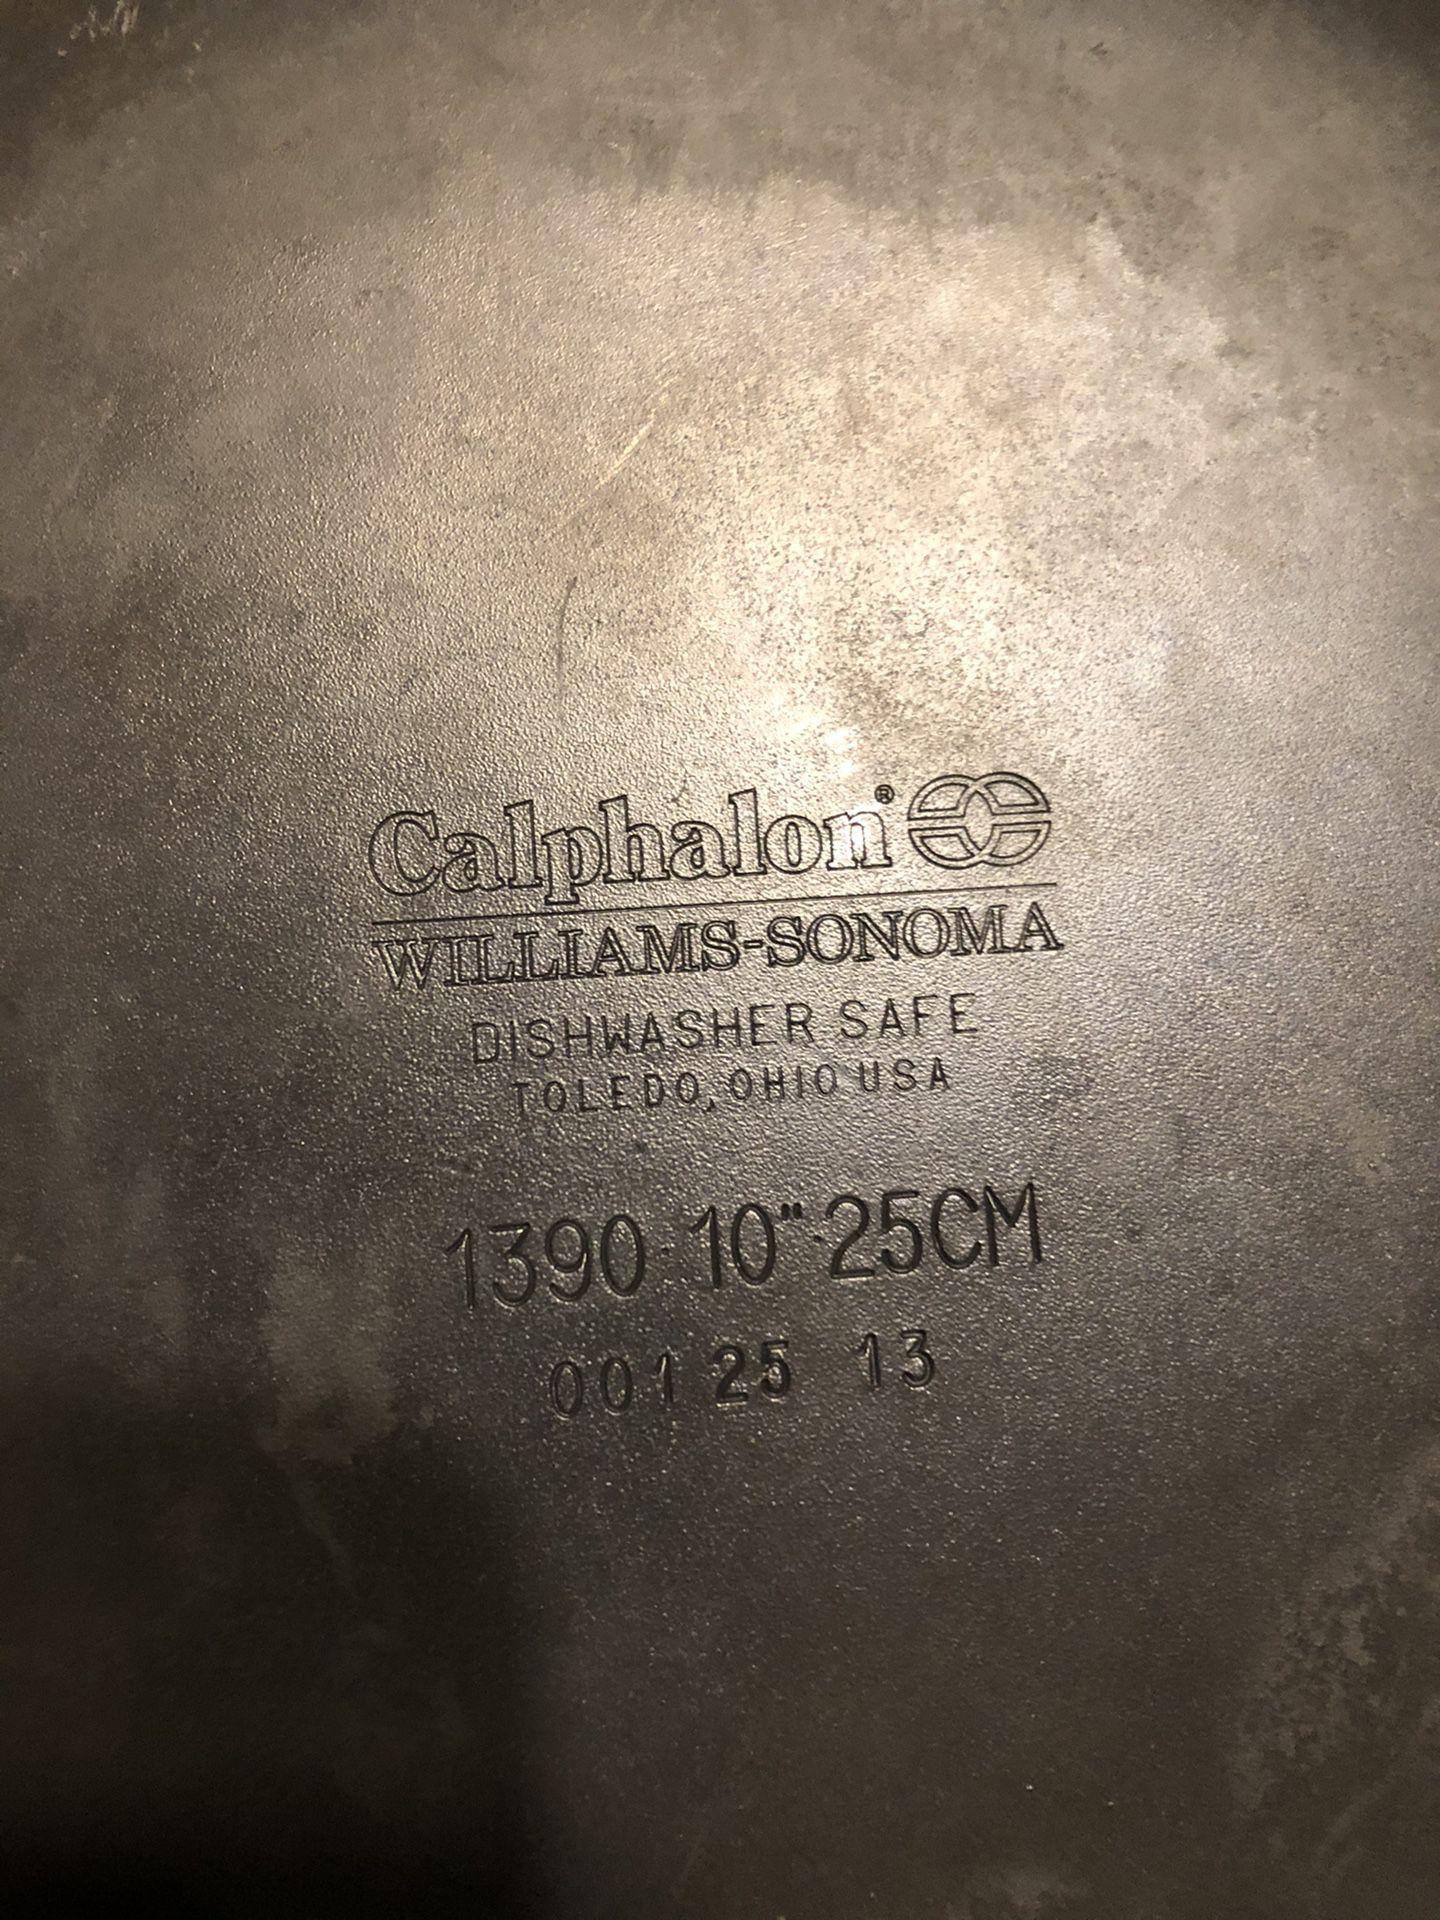 William Sonoma Cookware